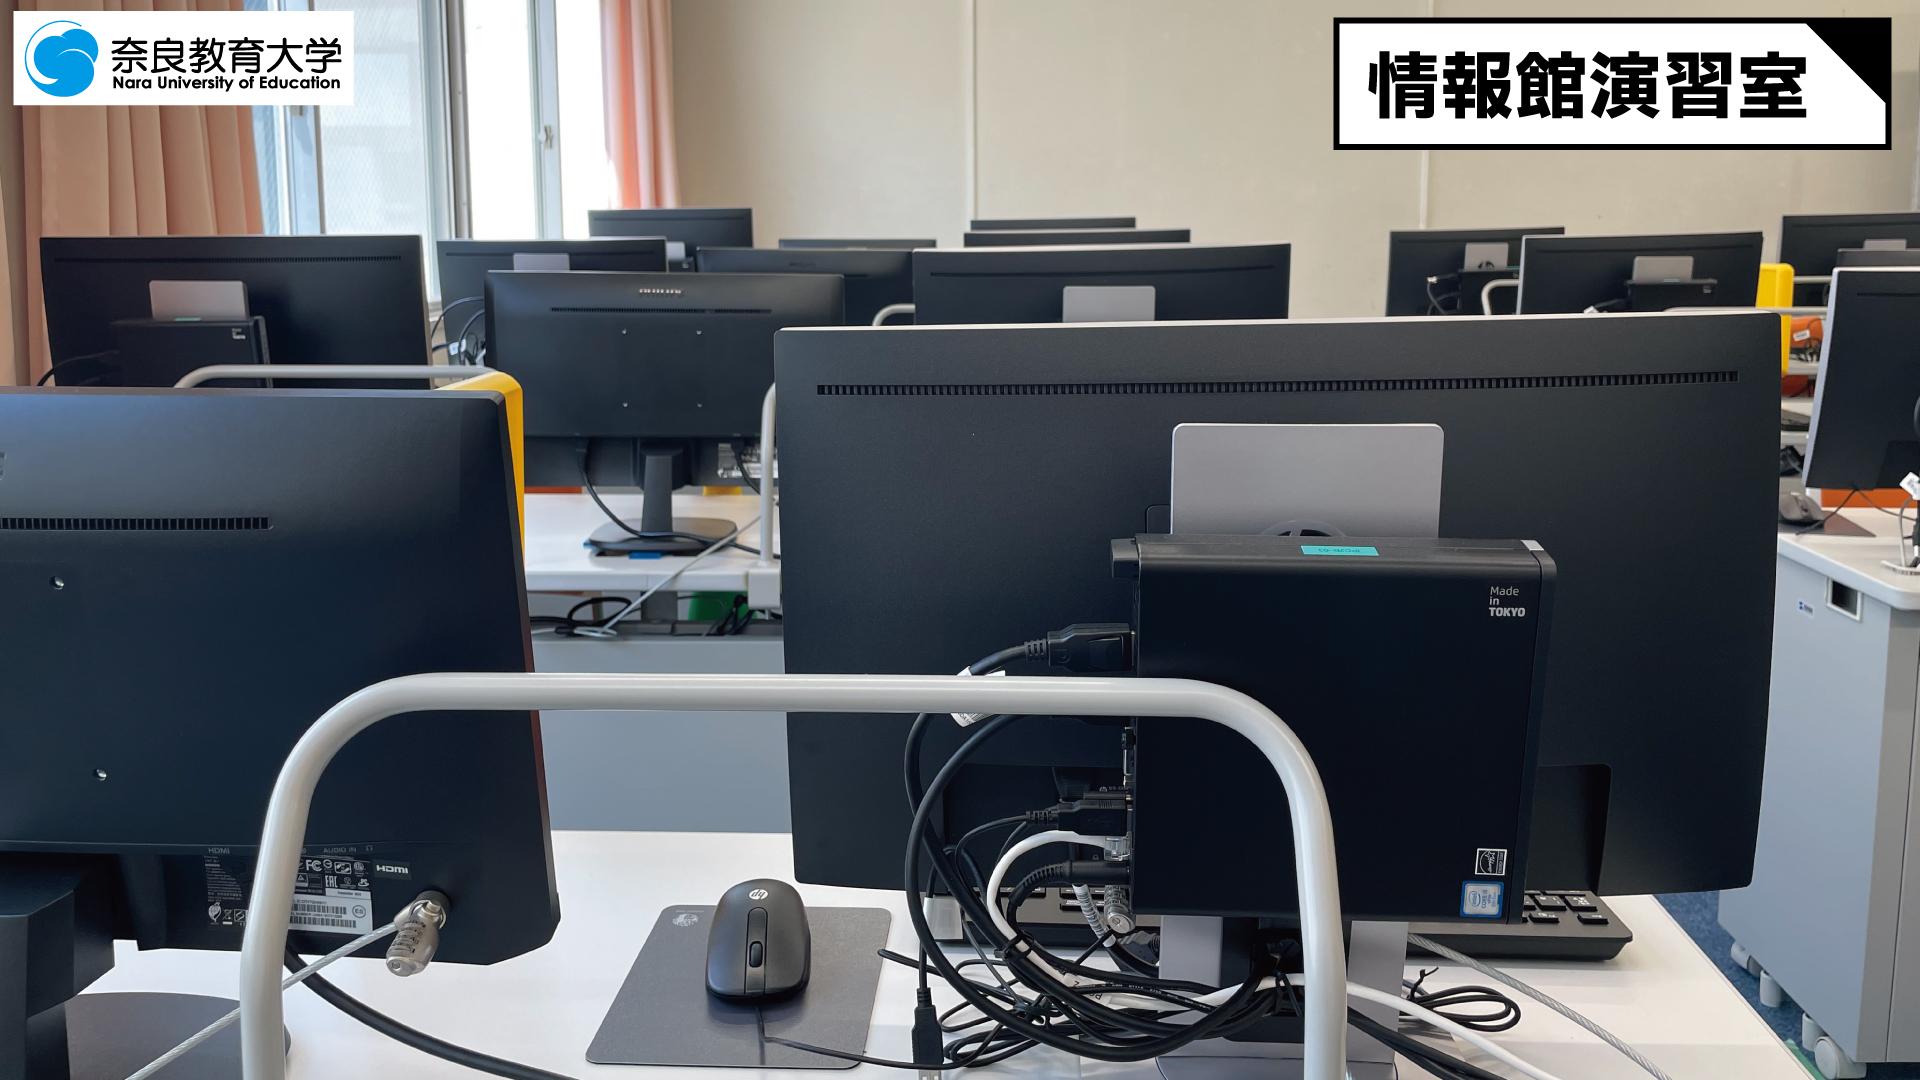 情報館演習室.jpg